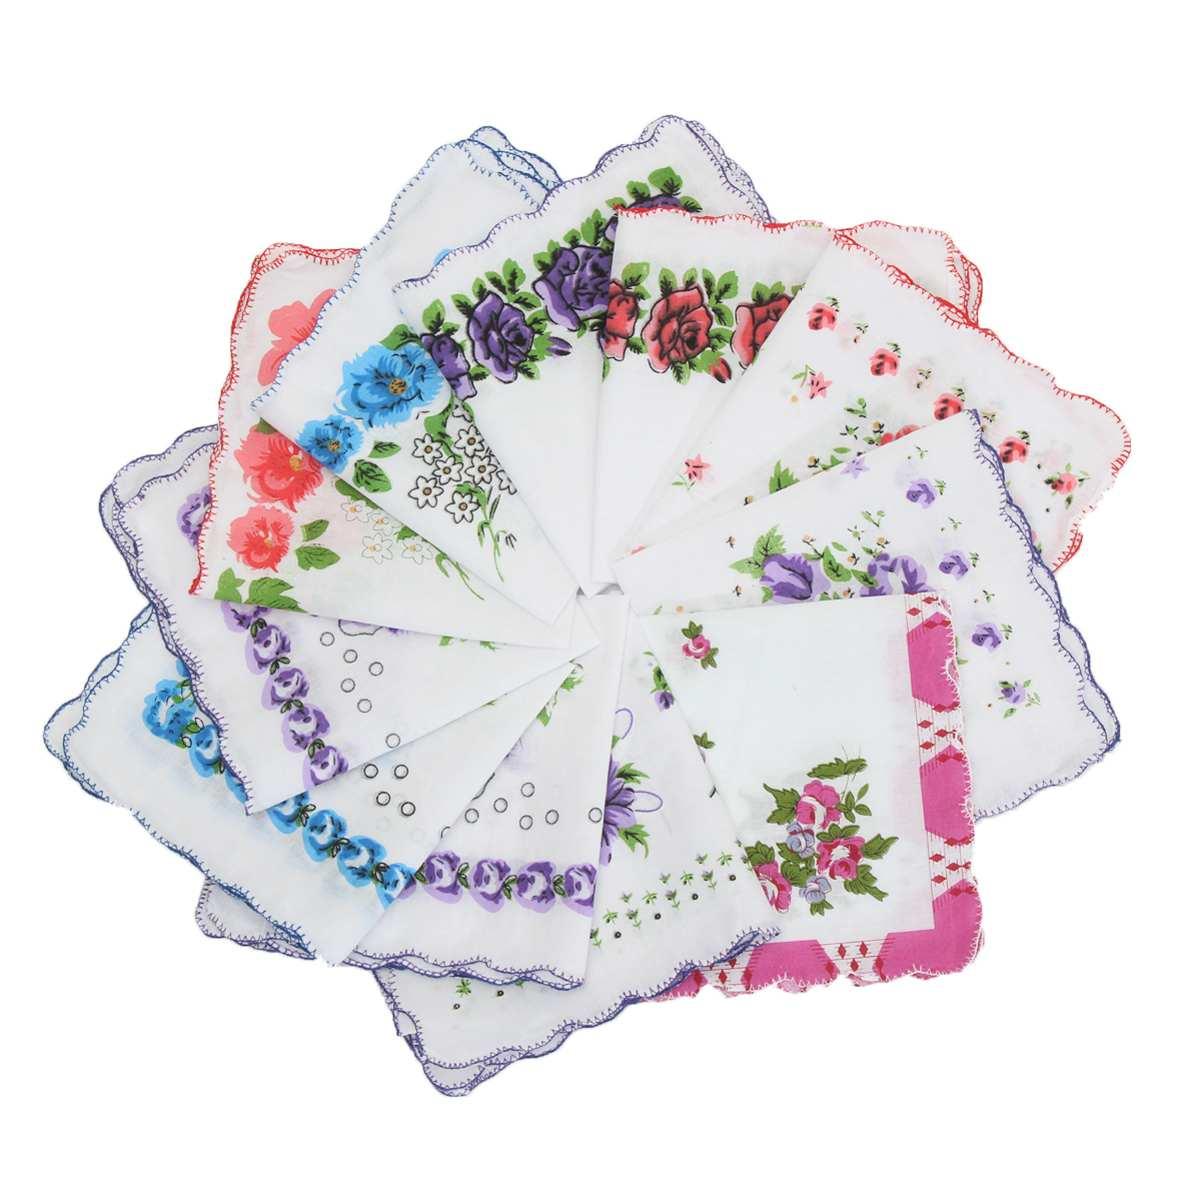 20 Teile/los Baumwolle Blume Platz Taschentuch Für Frauen Schöne Welle Krempe Blumen Hanky Taschentücher Damen Stickerei Hand Handtuch